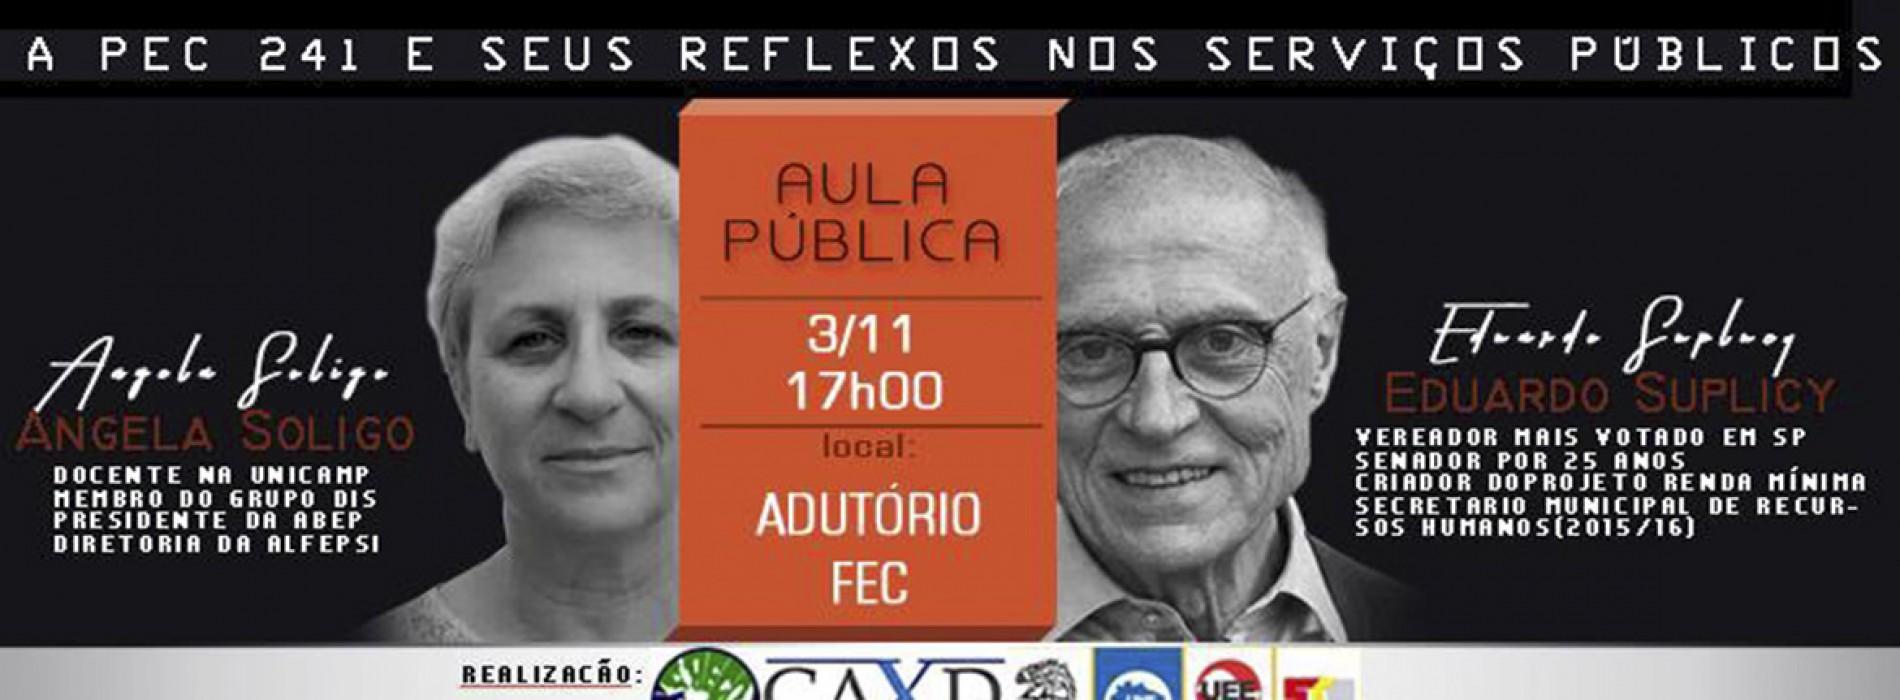 Aula Pública: PEC 241 e seus reflexos nos serviços públicos